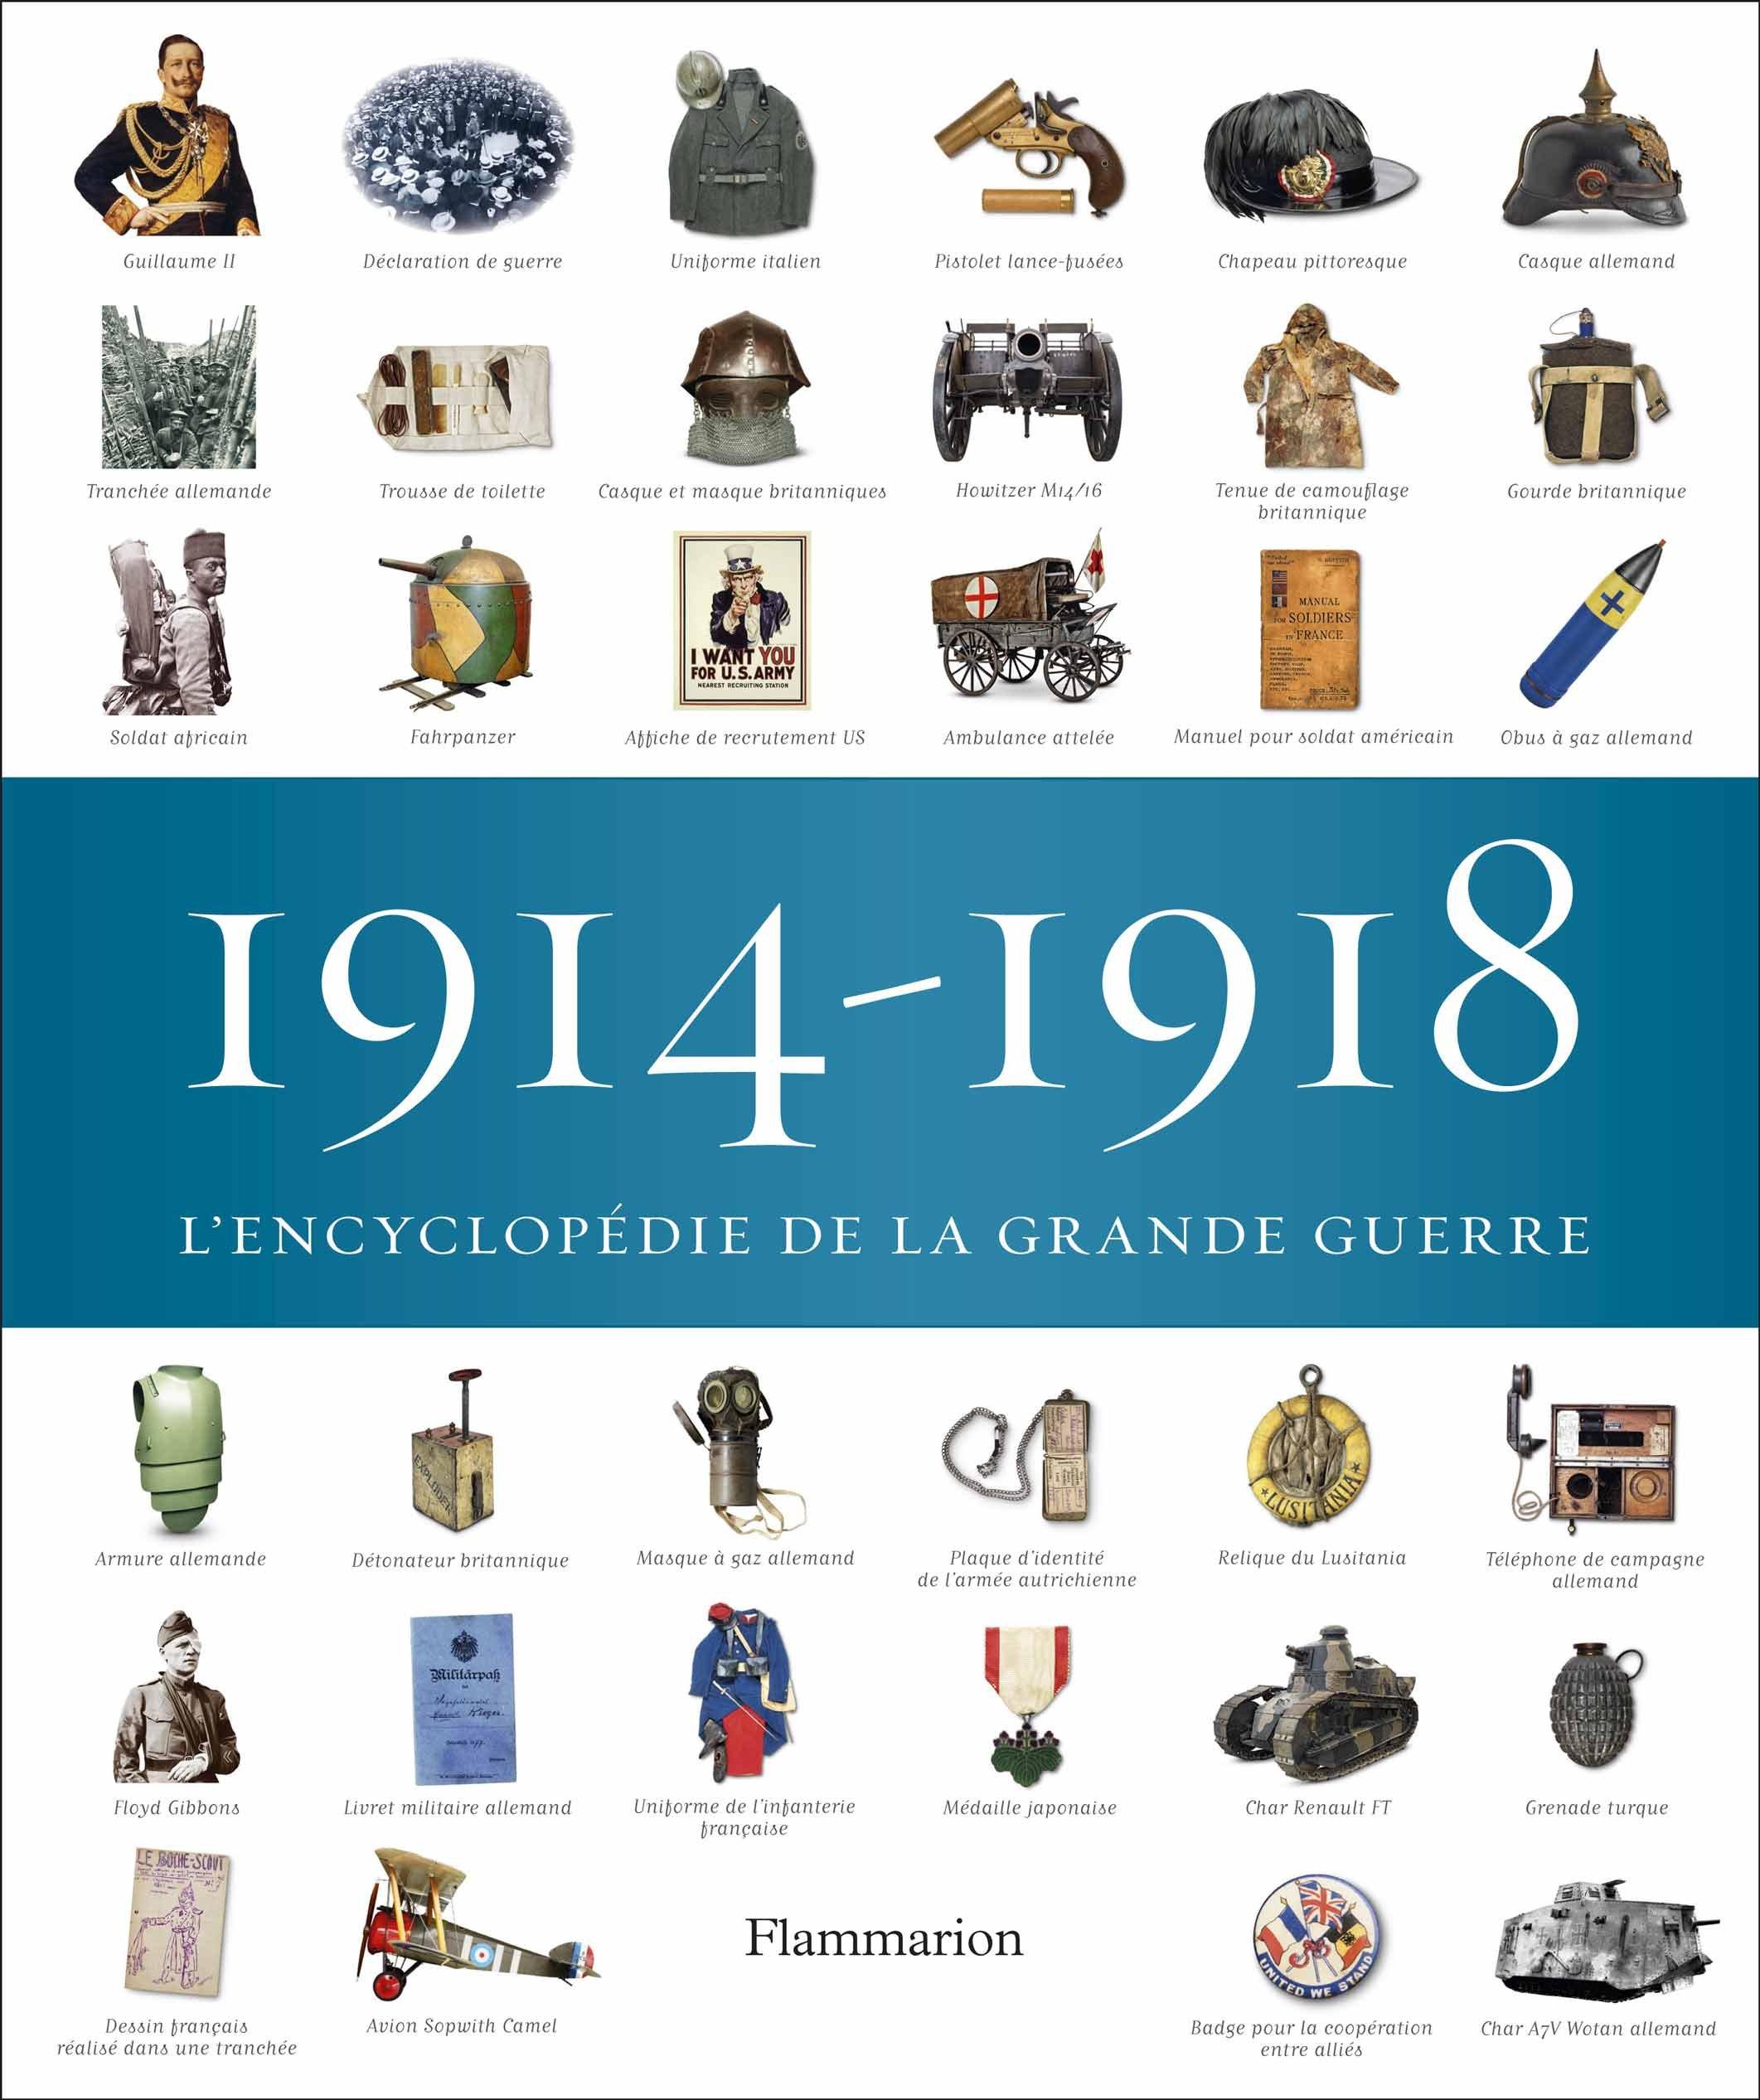 Amazon.in: Buy 1914-1918, l'encyclopédie de la grande guerre Book Online at  Low Prices in India | 1914-1918, l'encyclopédie de la grande guerre Reviews  & ...